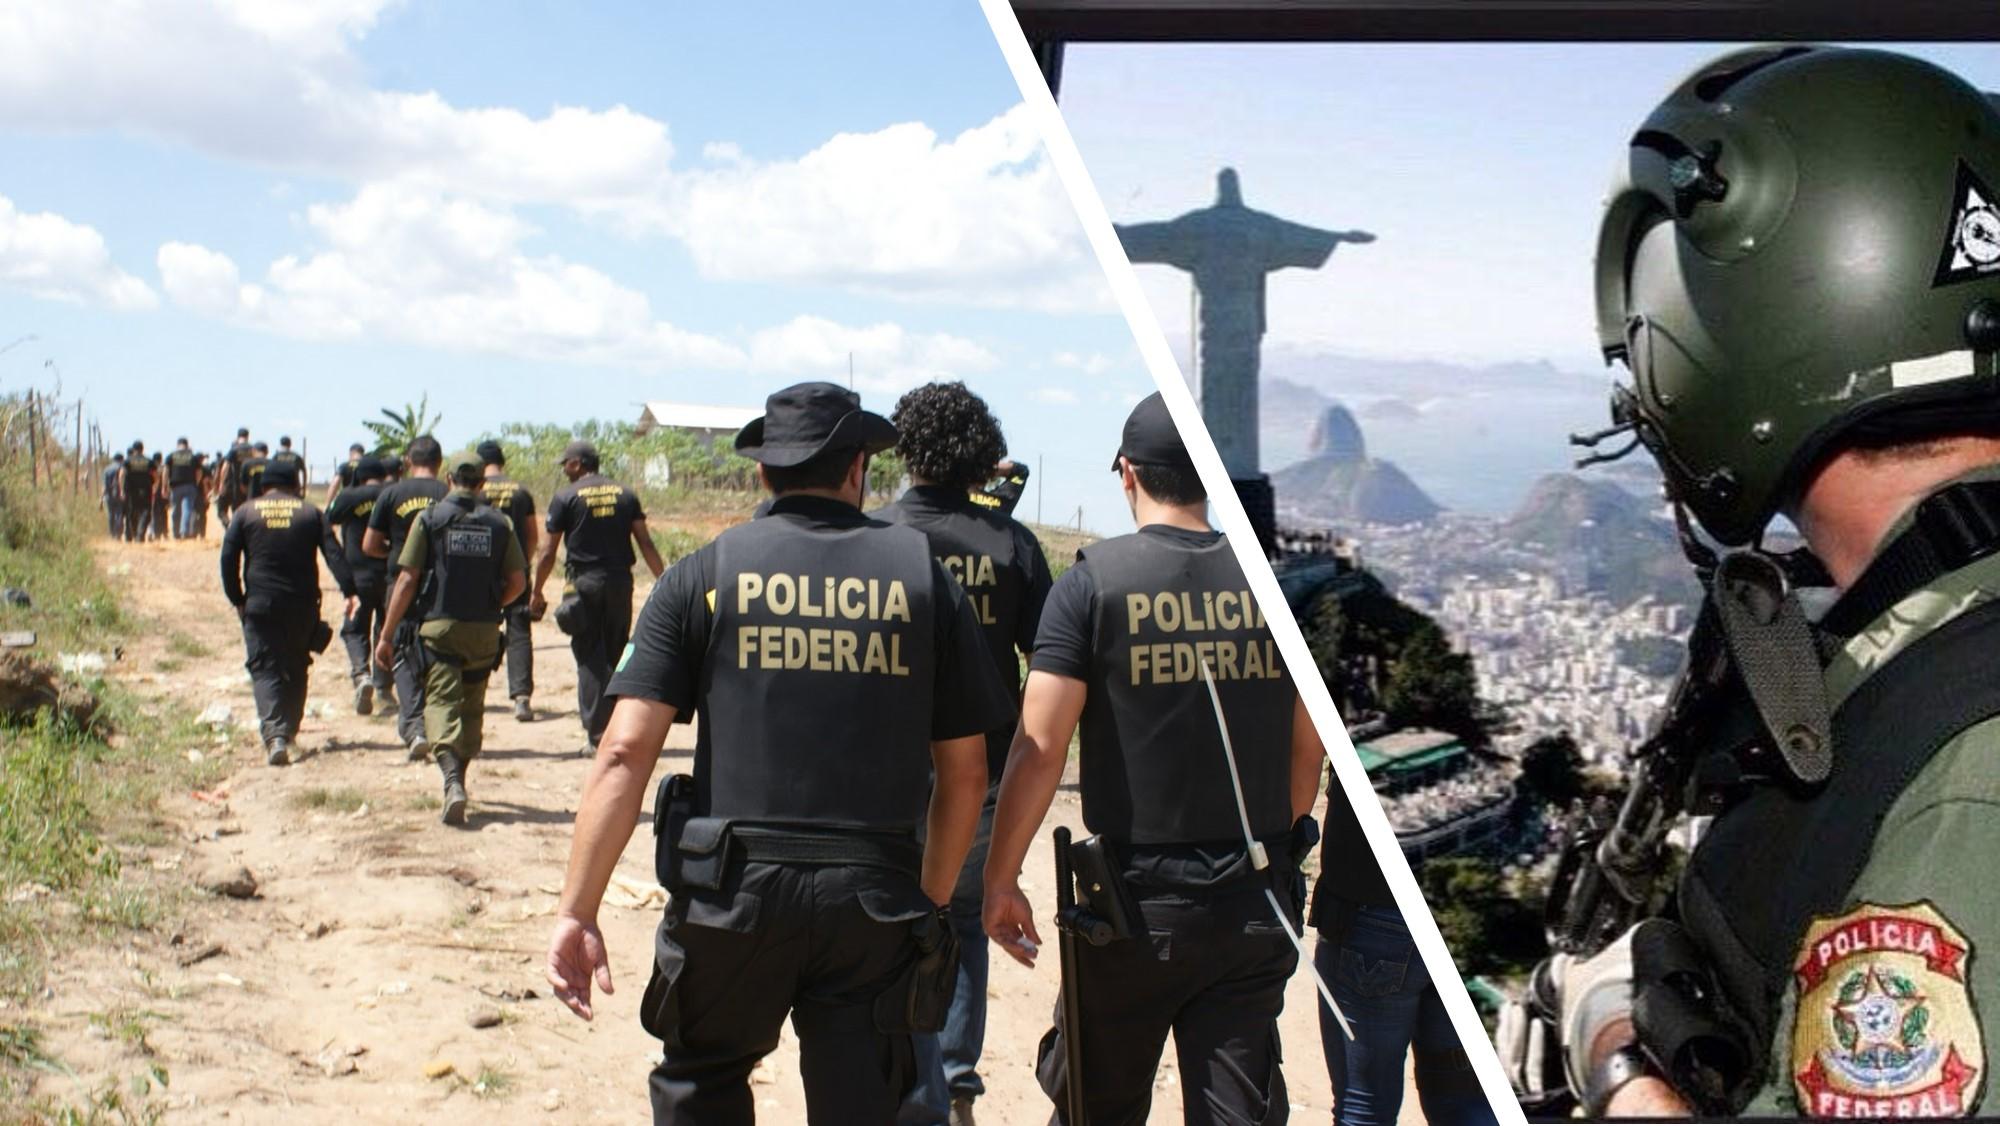 DIA DO POLICIAL FEDERAL ansef